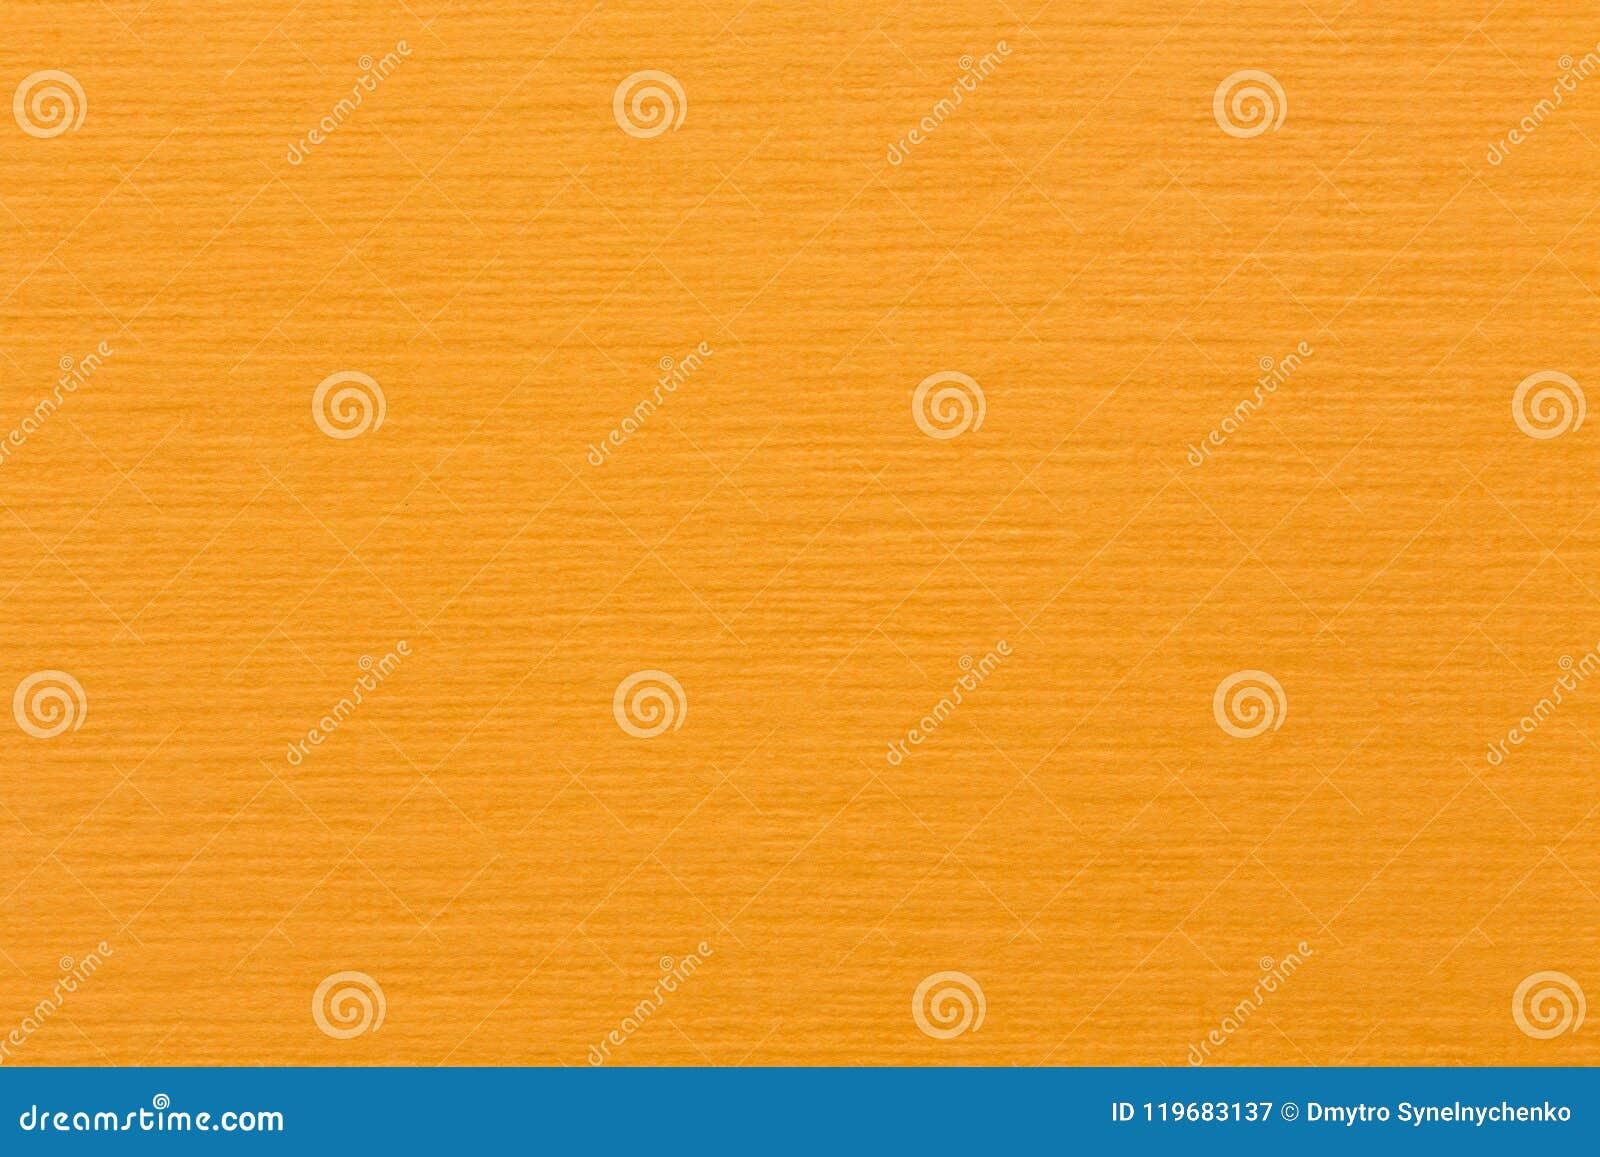 光滑的淡桔色的毛毡织品背景纹理顶视图